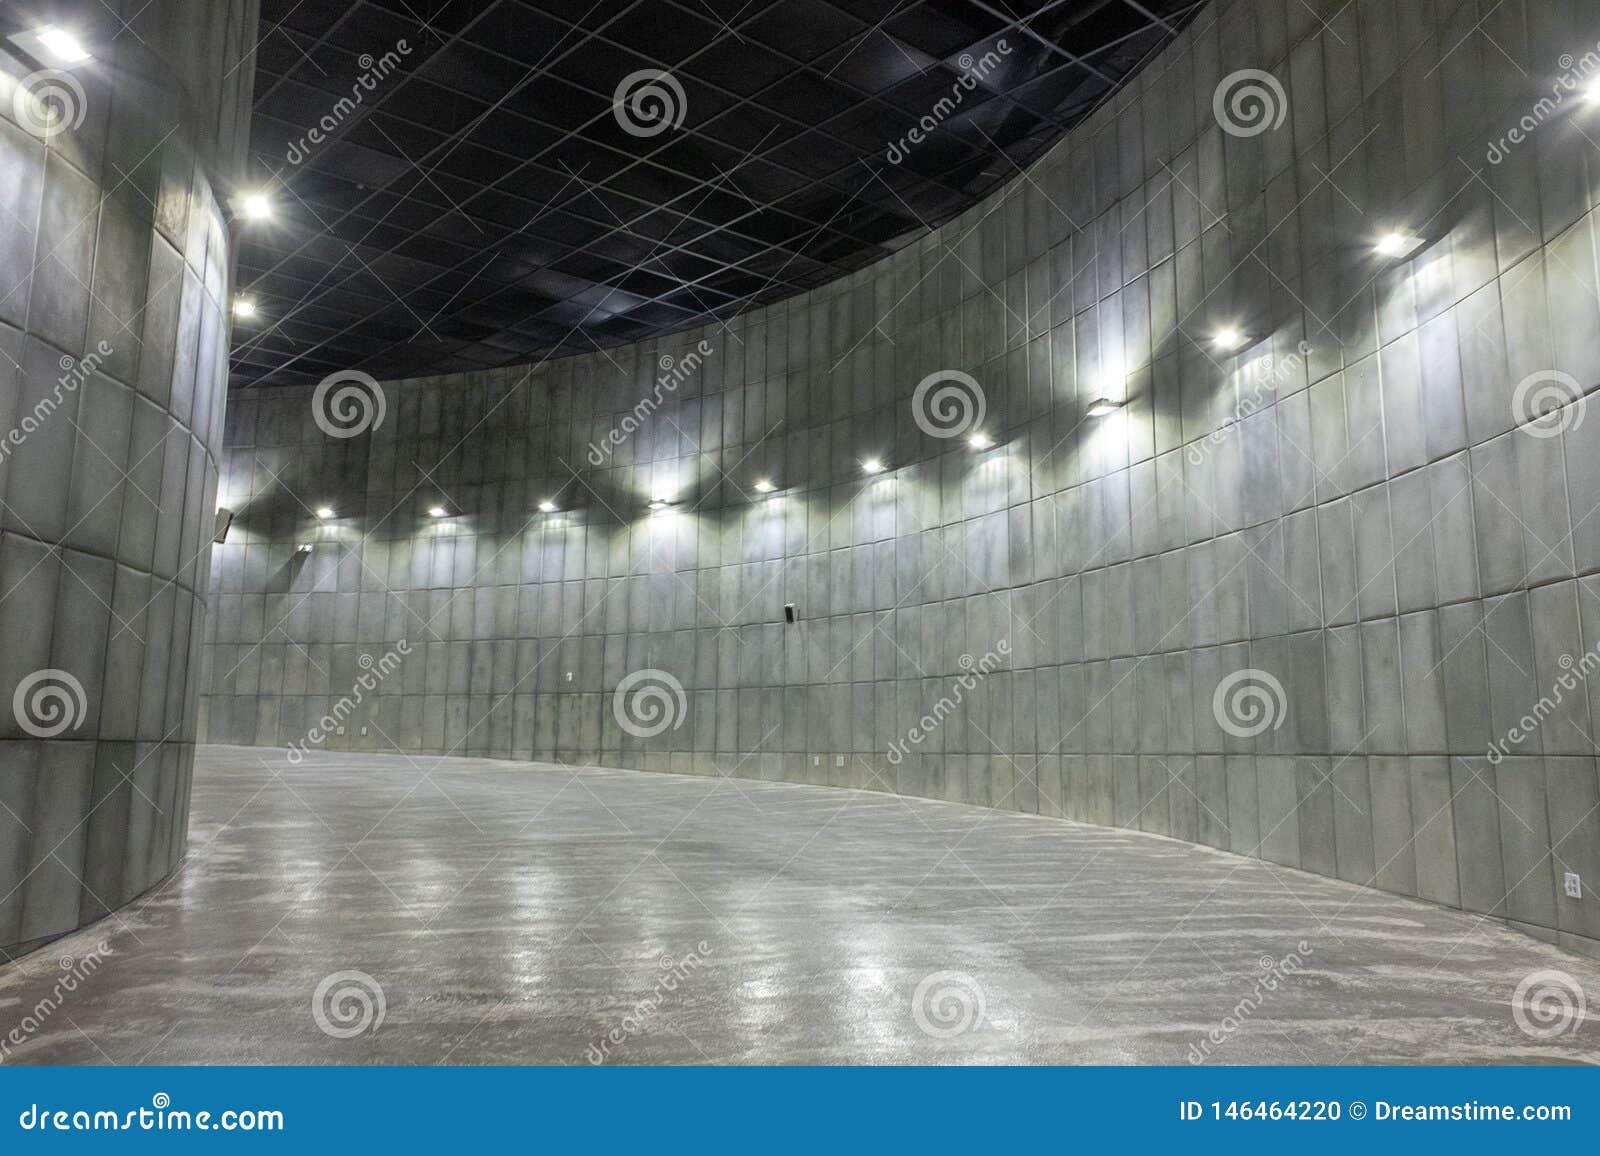 Ruimte binnen de bouw die uit krommen bestaan